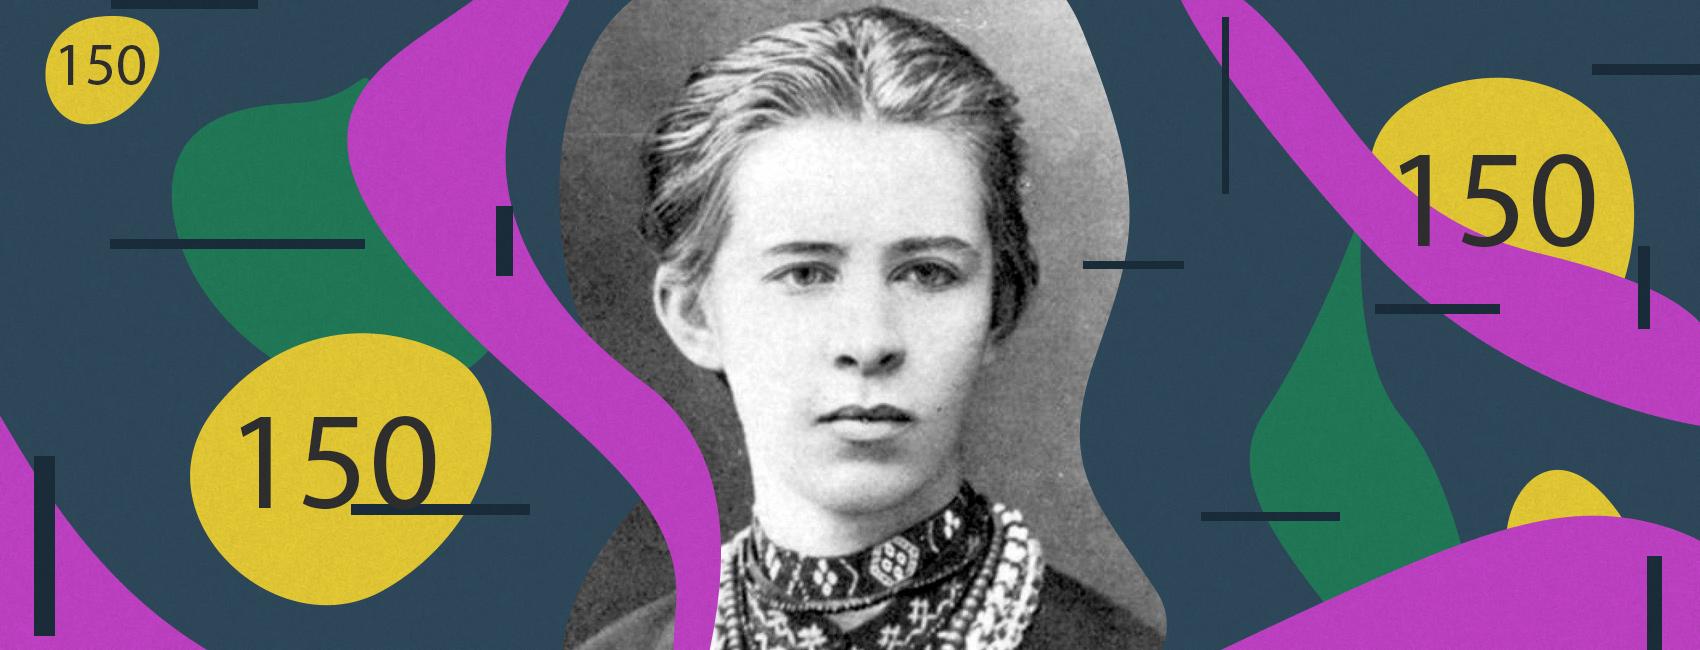 Святкуємо 150 років Лесі Українки: лекції, конкурси, вистави